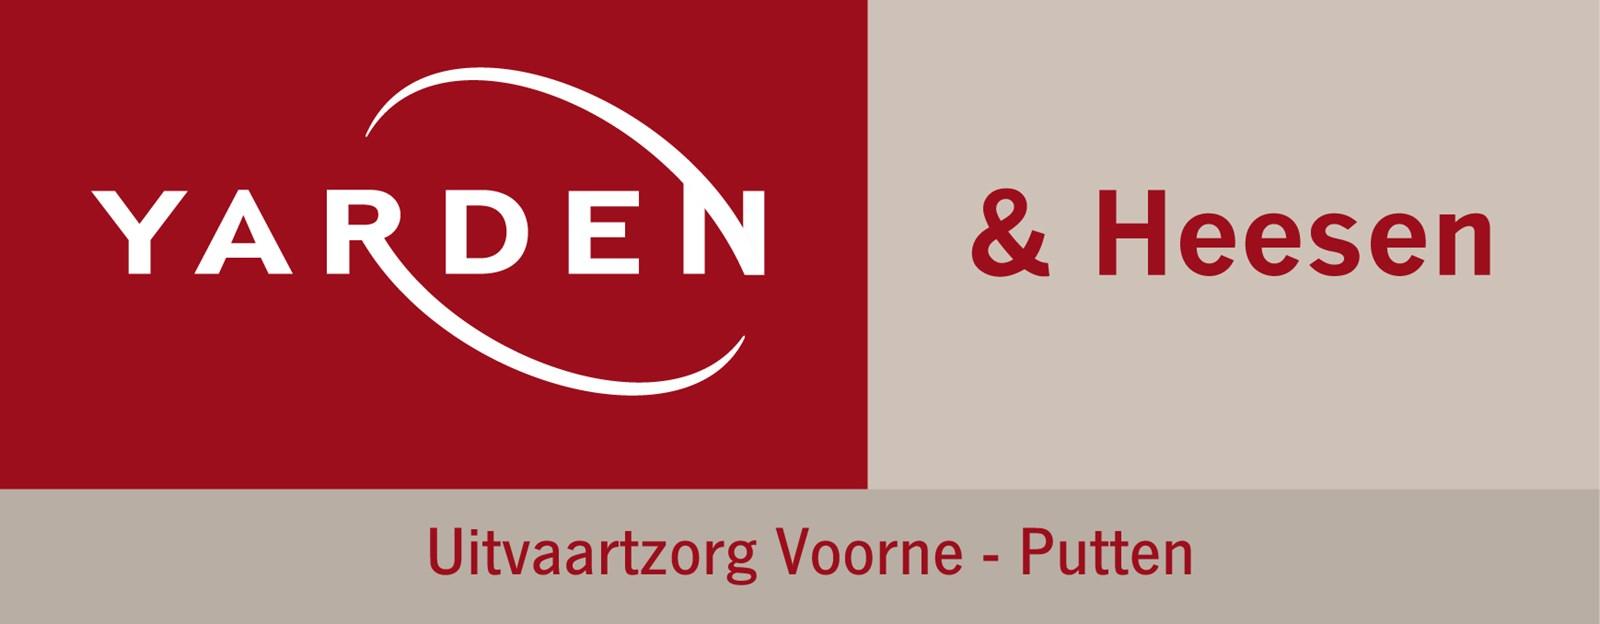 Logo van Yarden & Heesen Uitvaartzorg Voorne-Putten